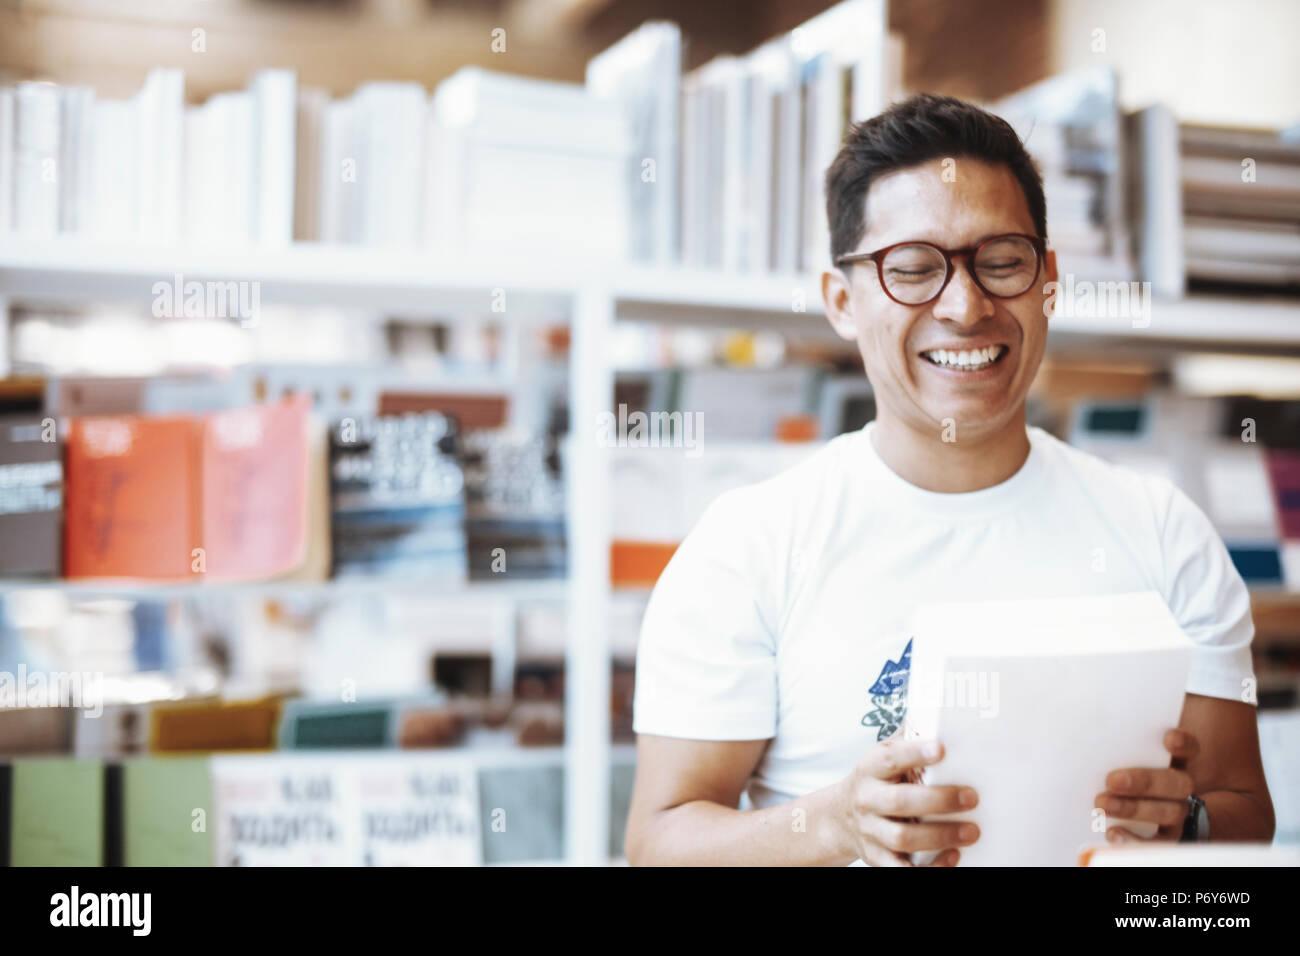 Jeune homme à lunettes heureux holding book avec cache et rire. Photo Stock